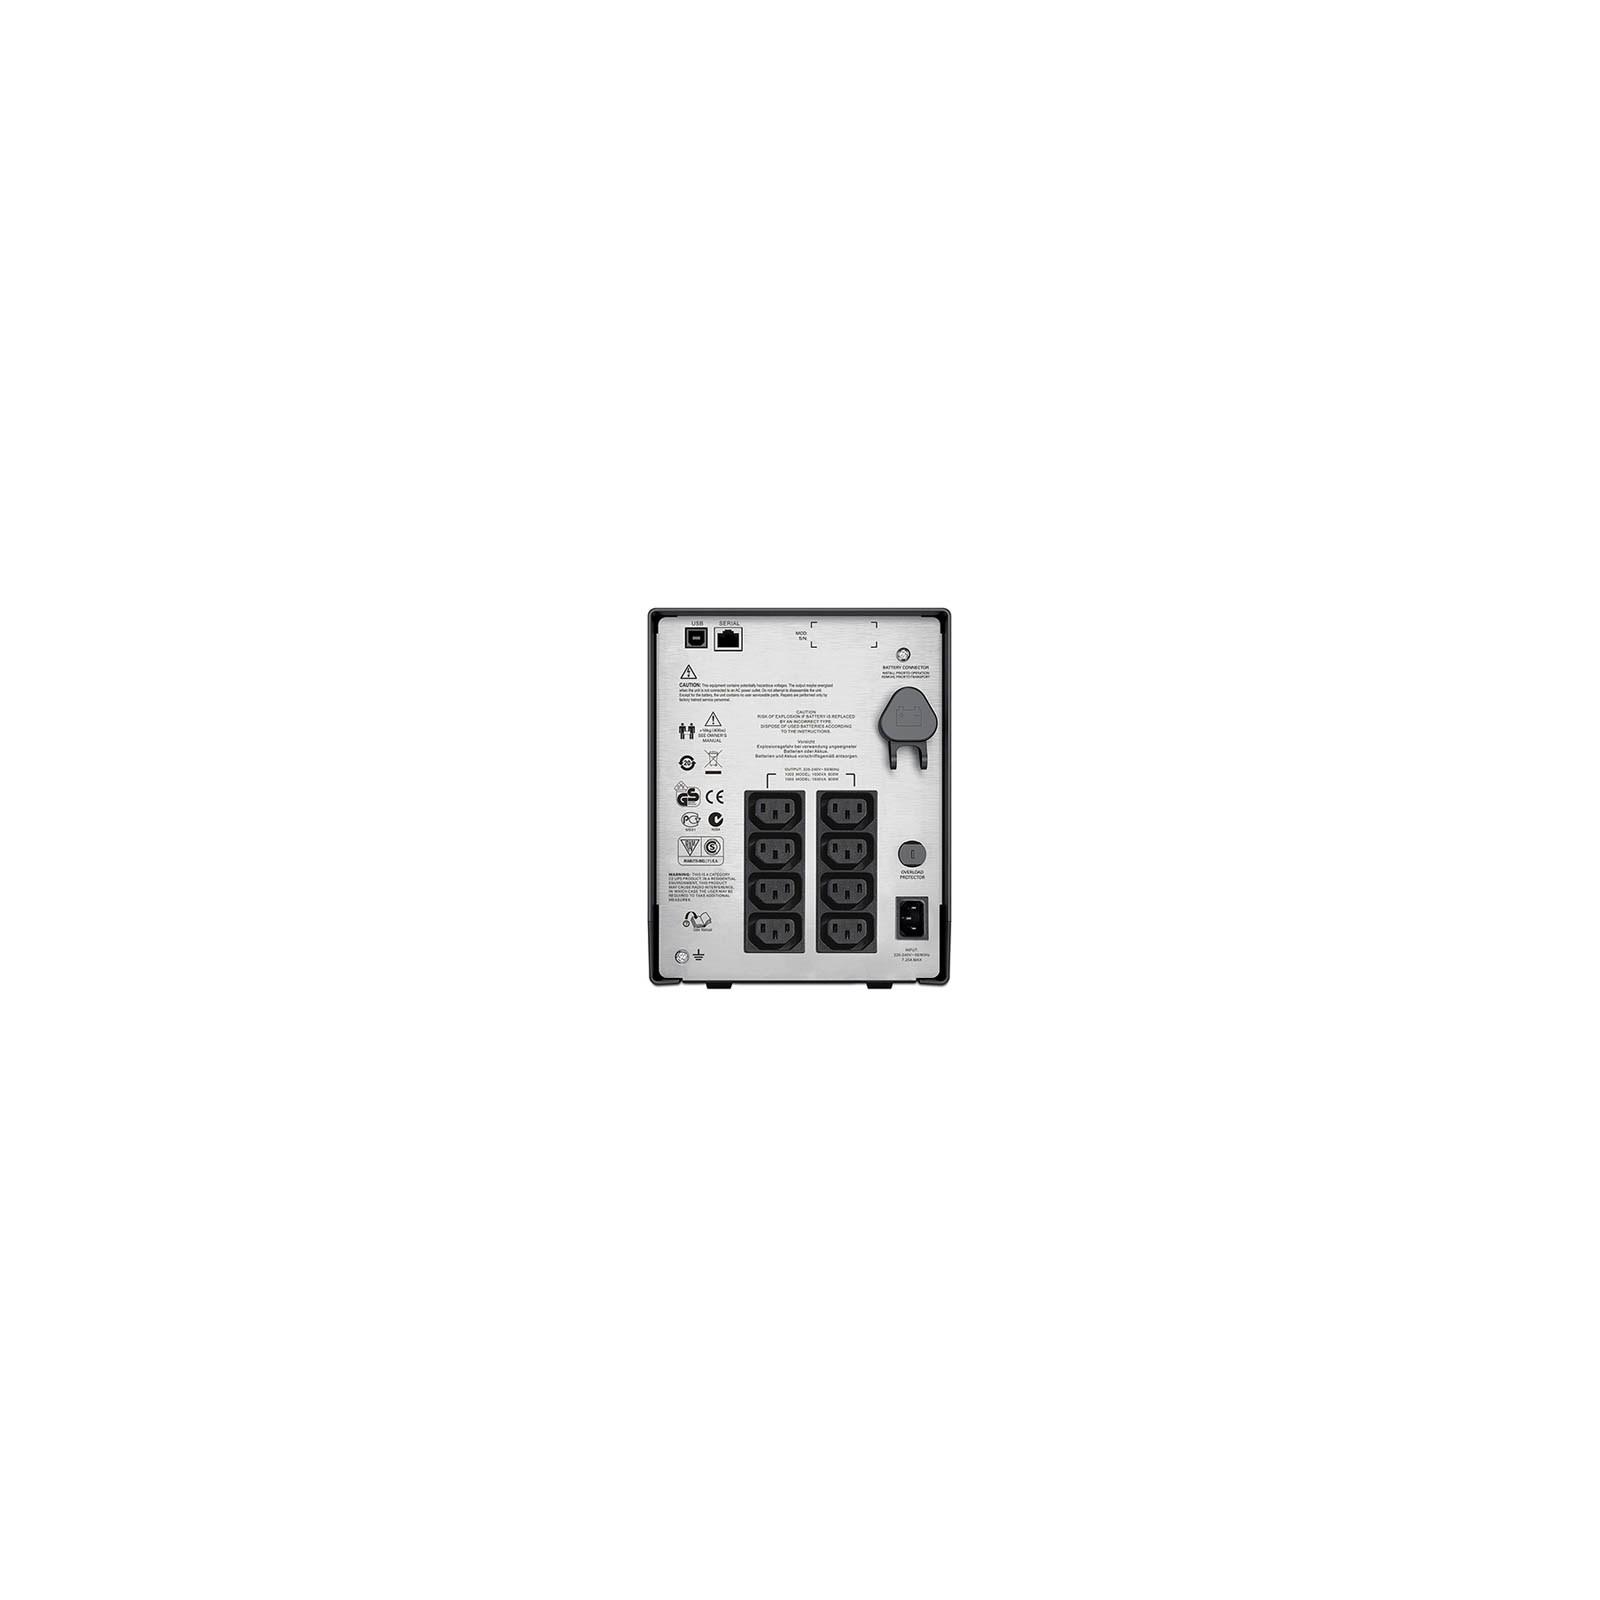 Источник бесперебойного питания APC Smart-UPS C 1500VA LCD 230V (SMC1500I) изображение 2